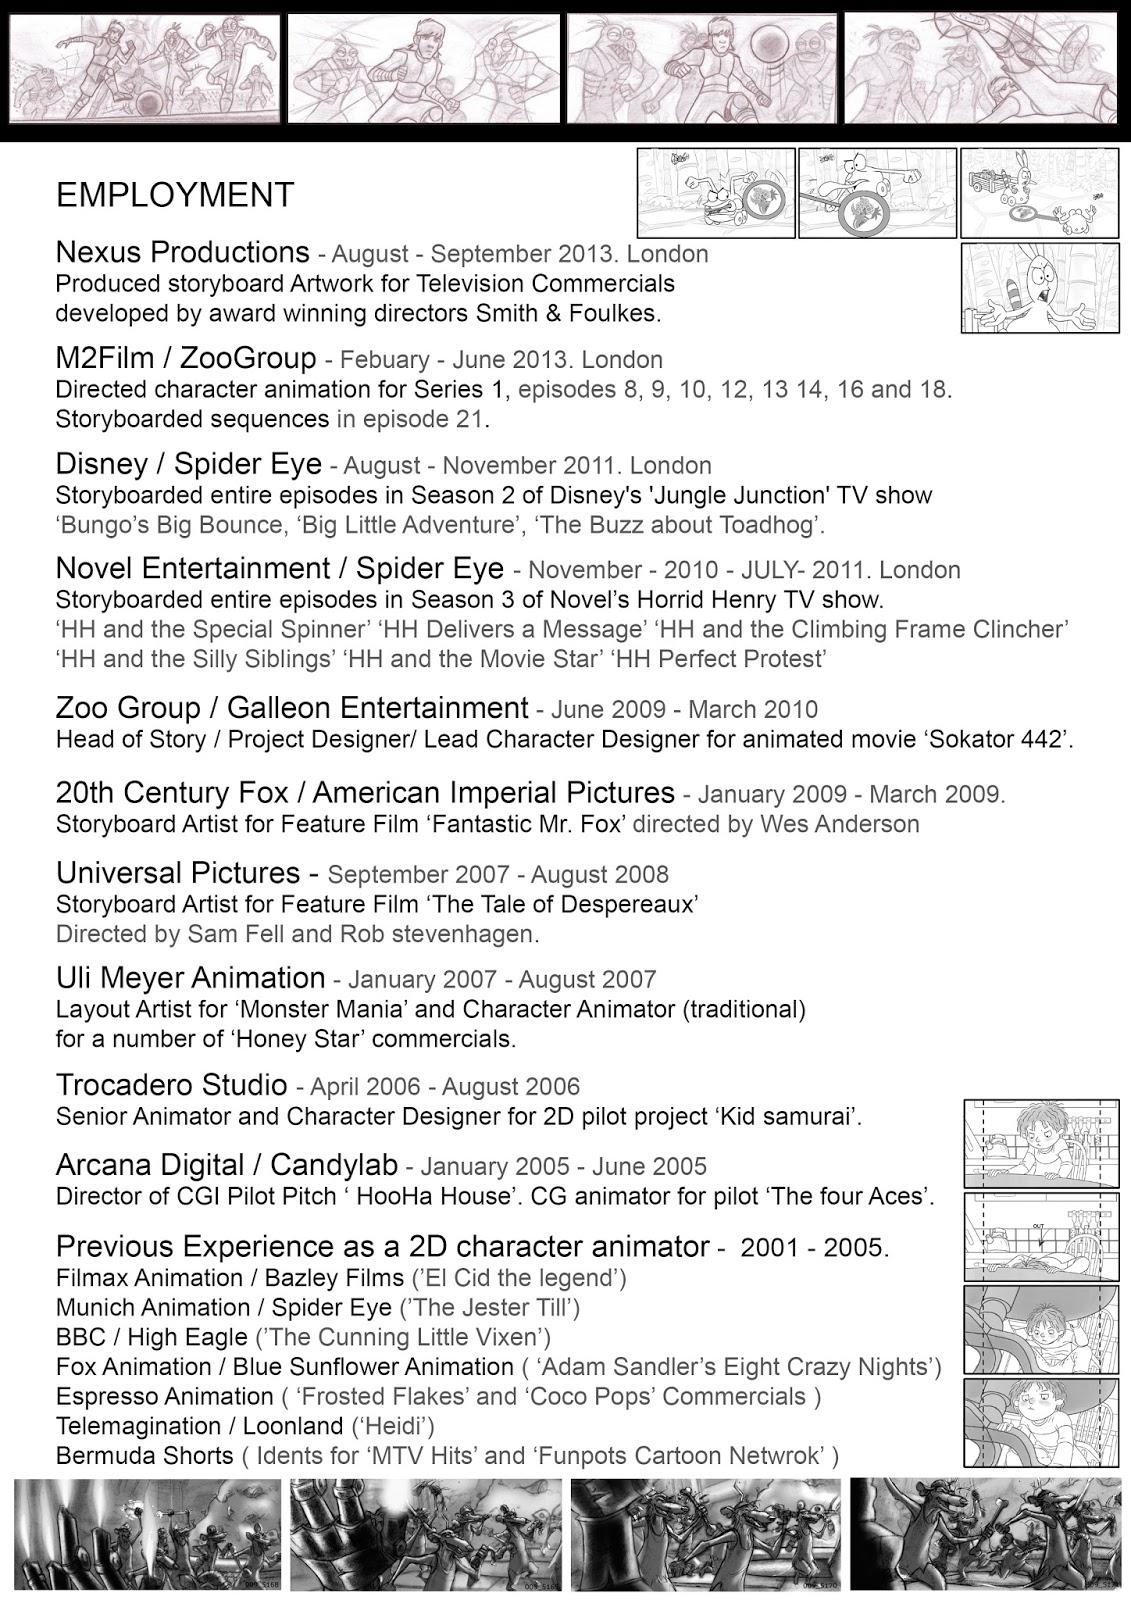 Arshad Mirza Baig Portfolio 2011: C.V / Resume